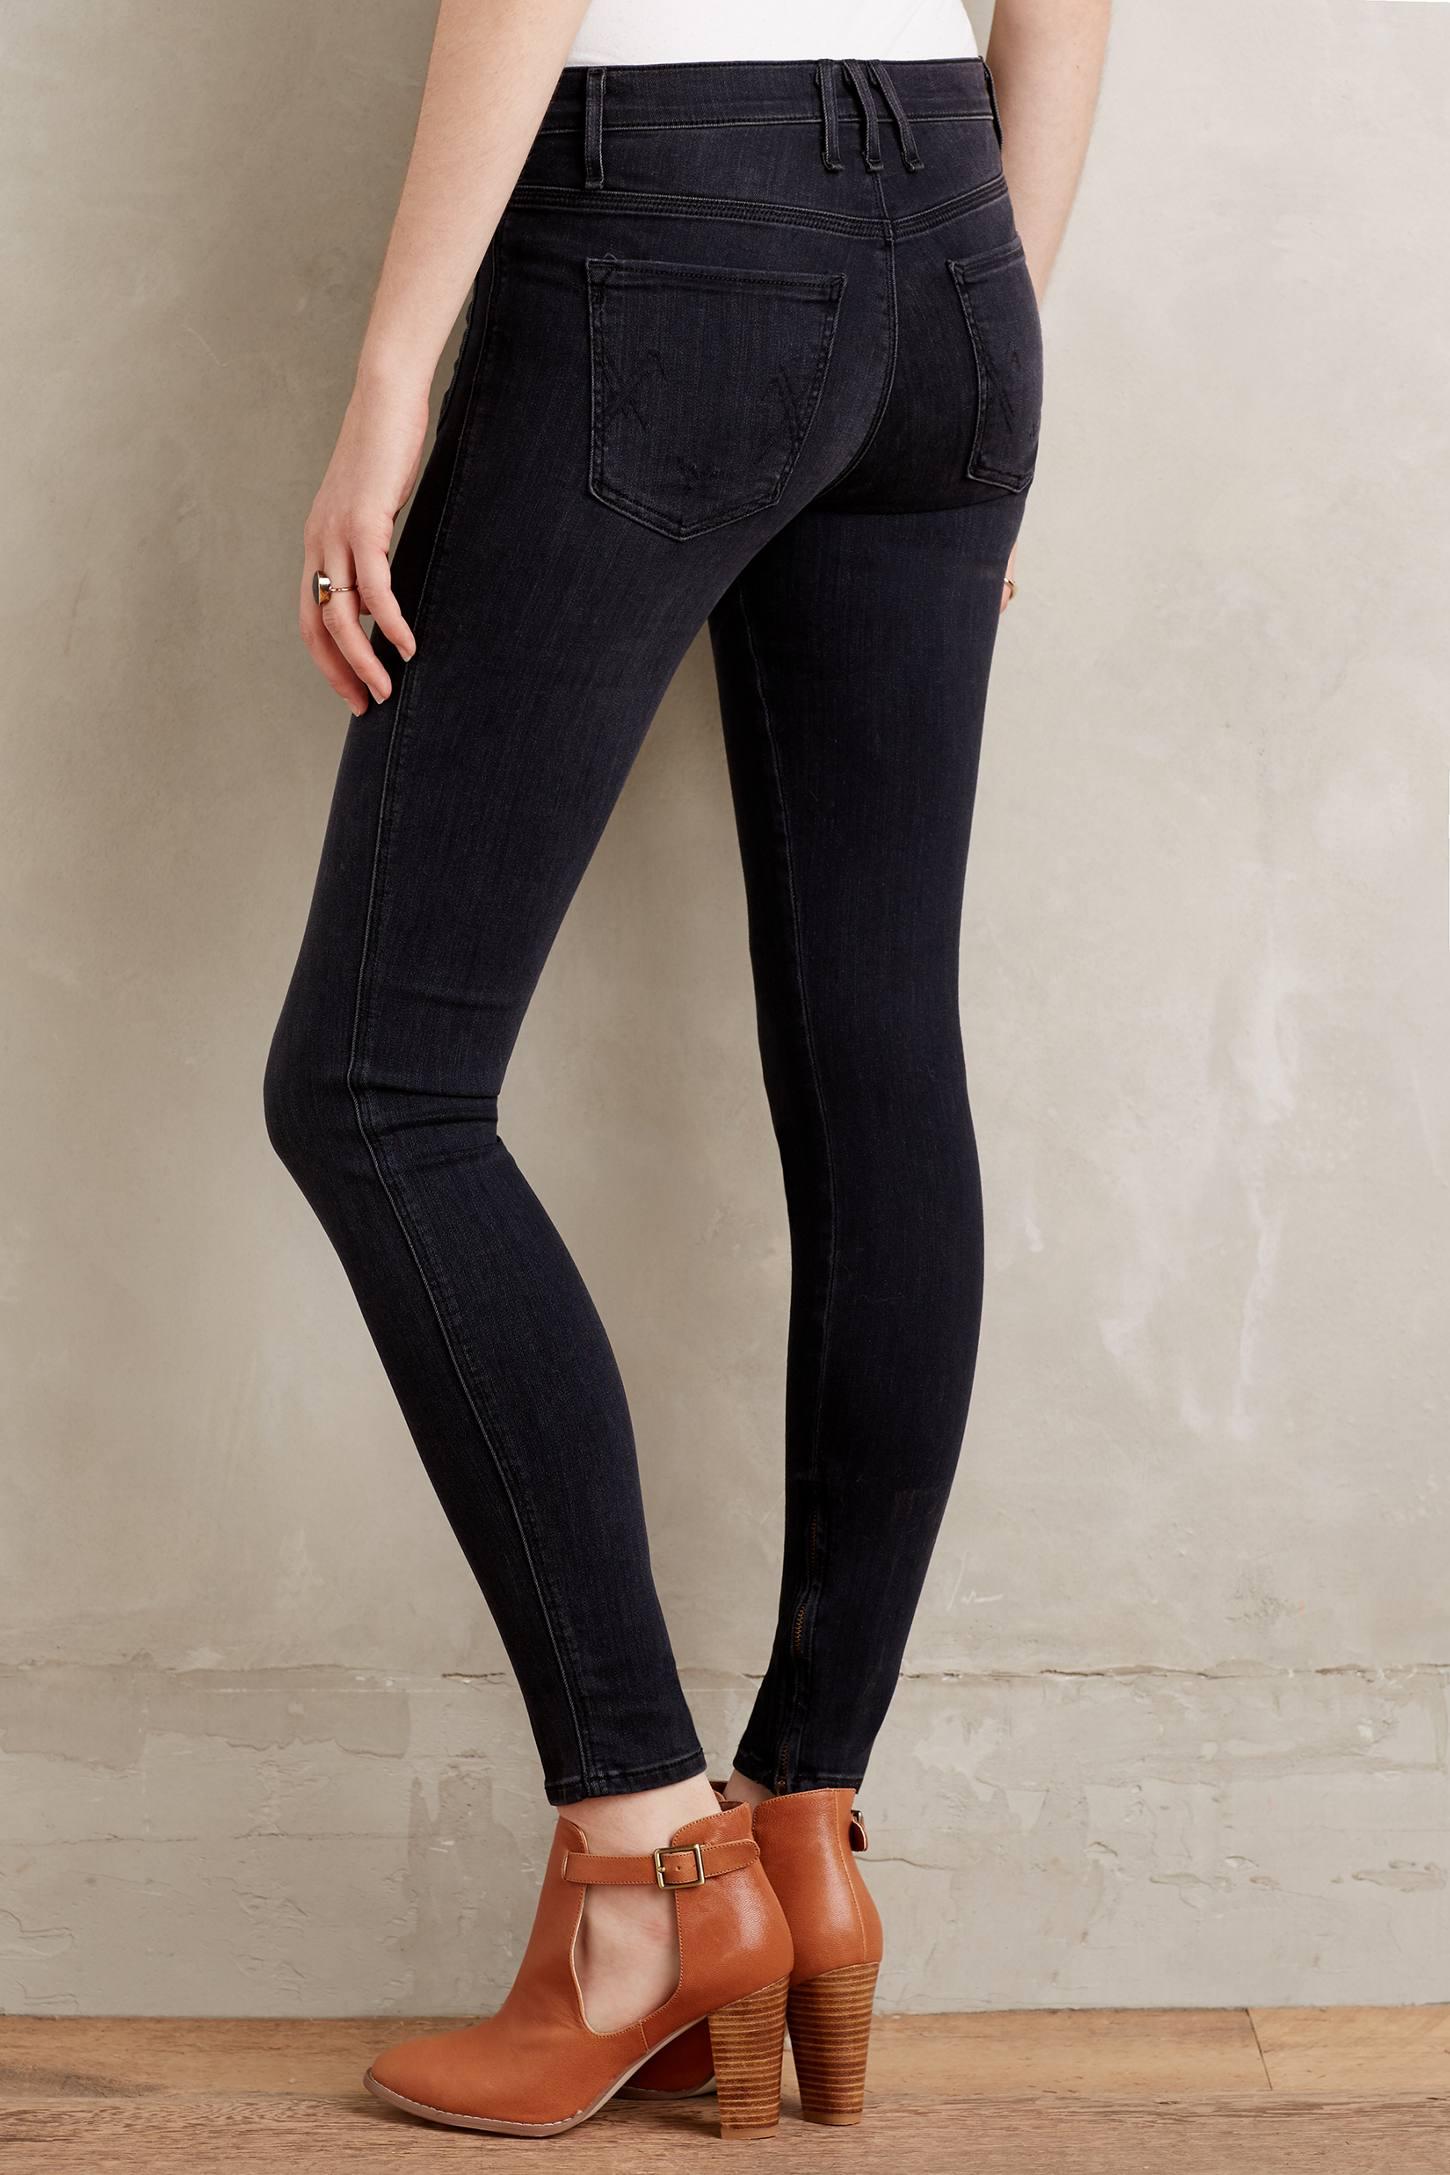 McGuire Inez Skinny Jeans